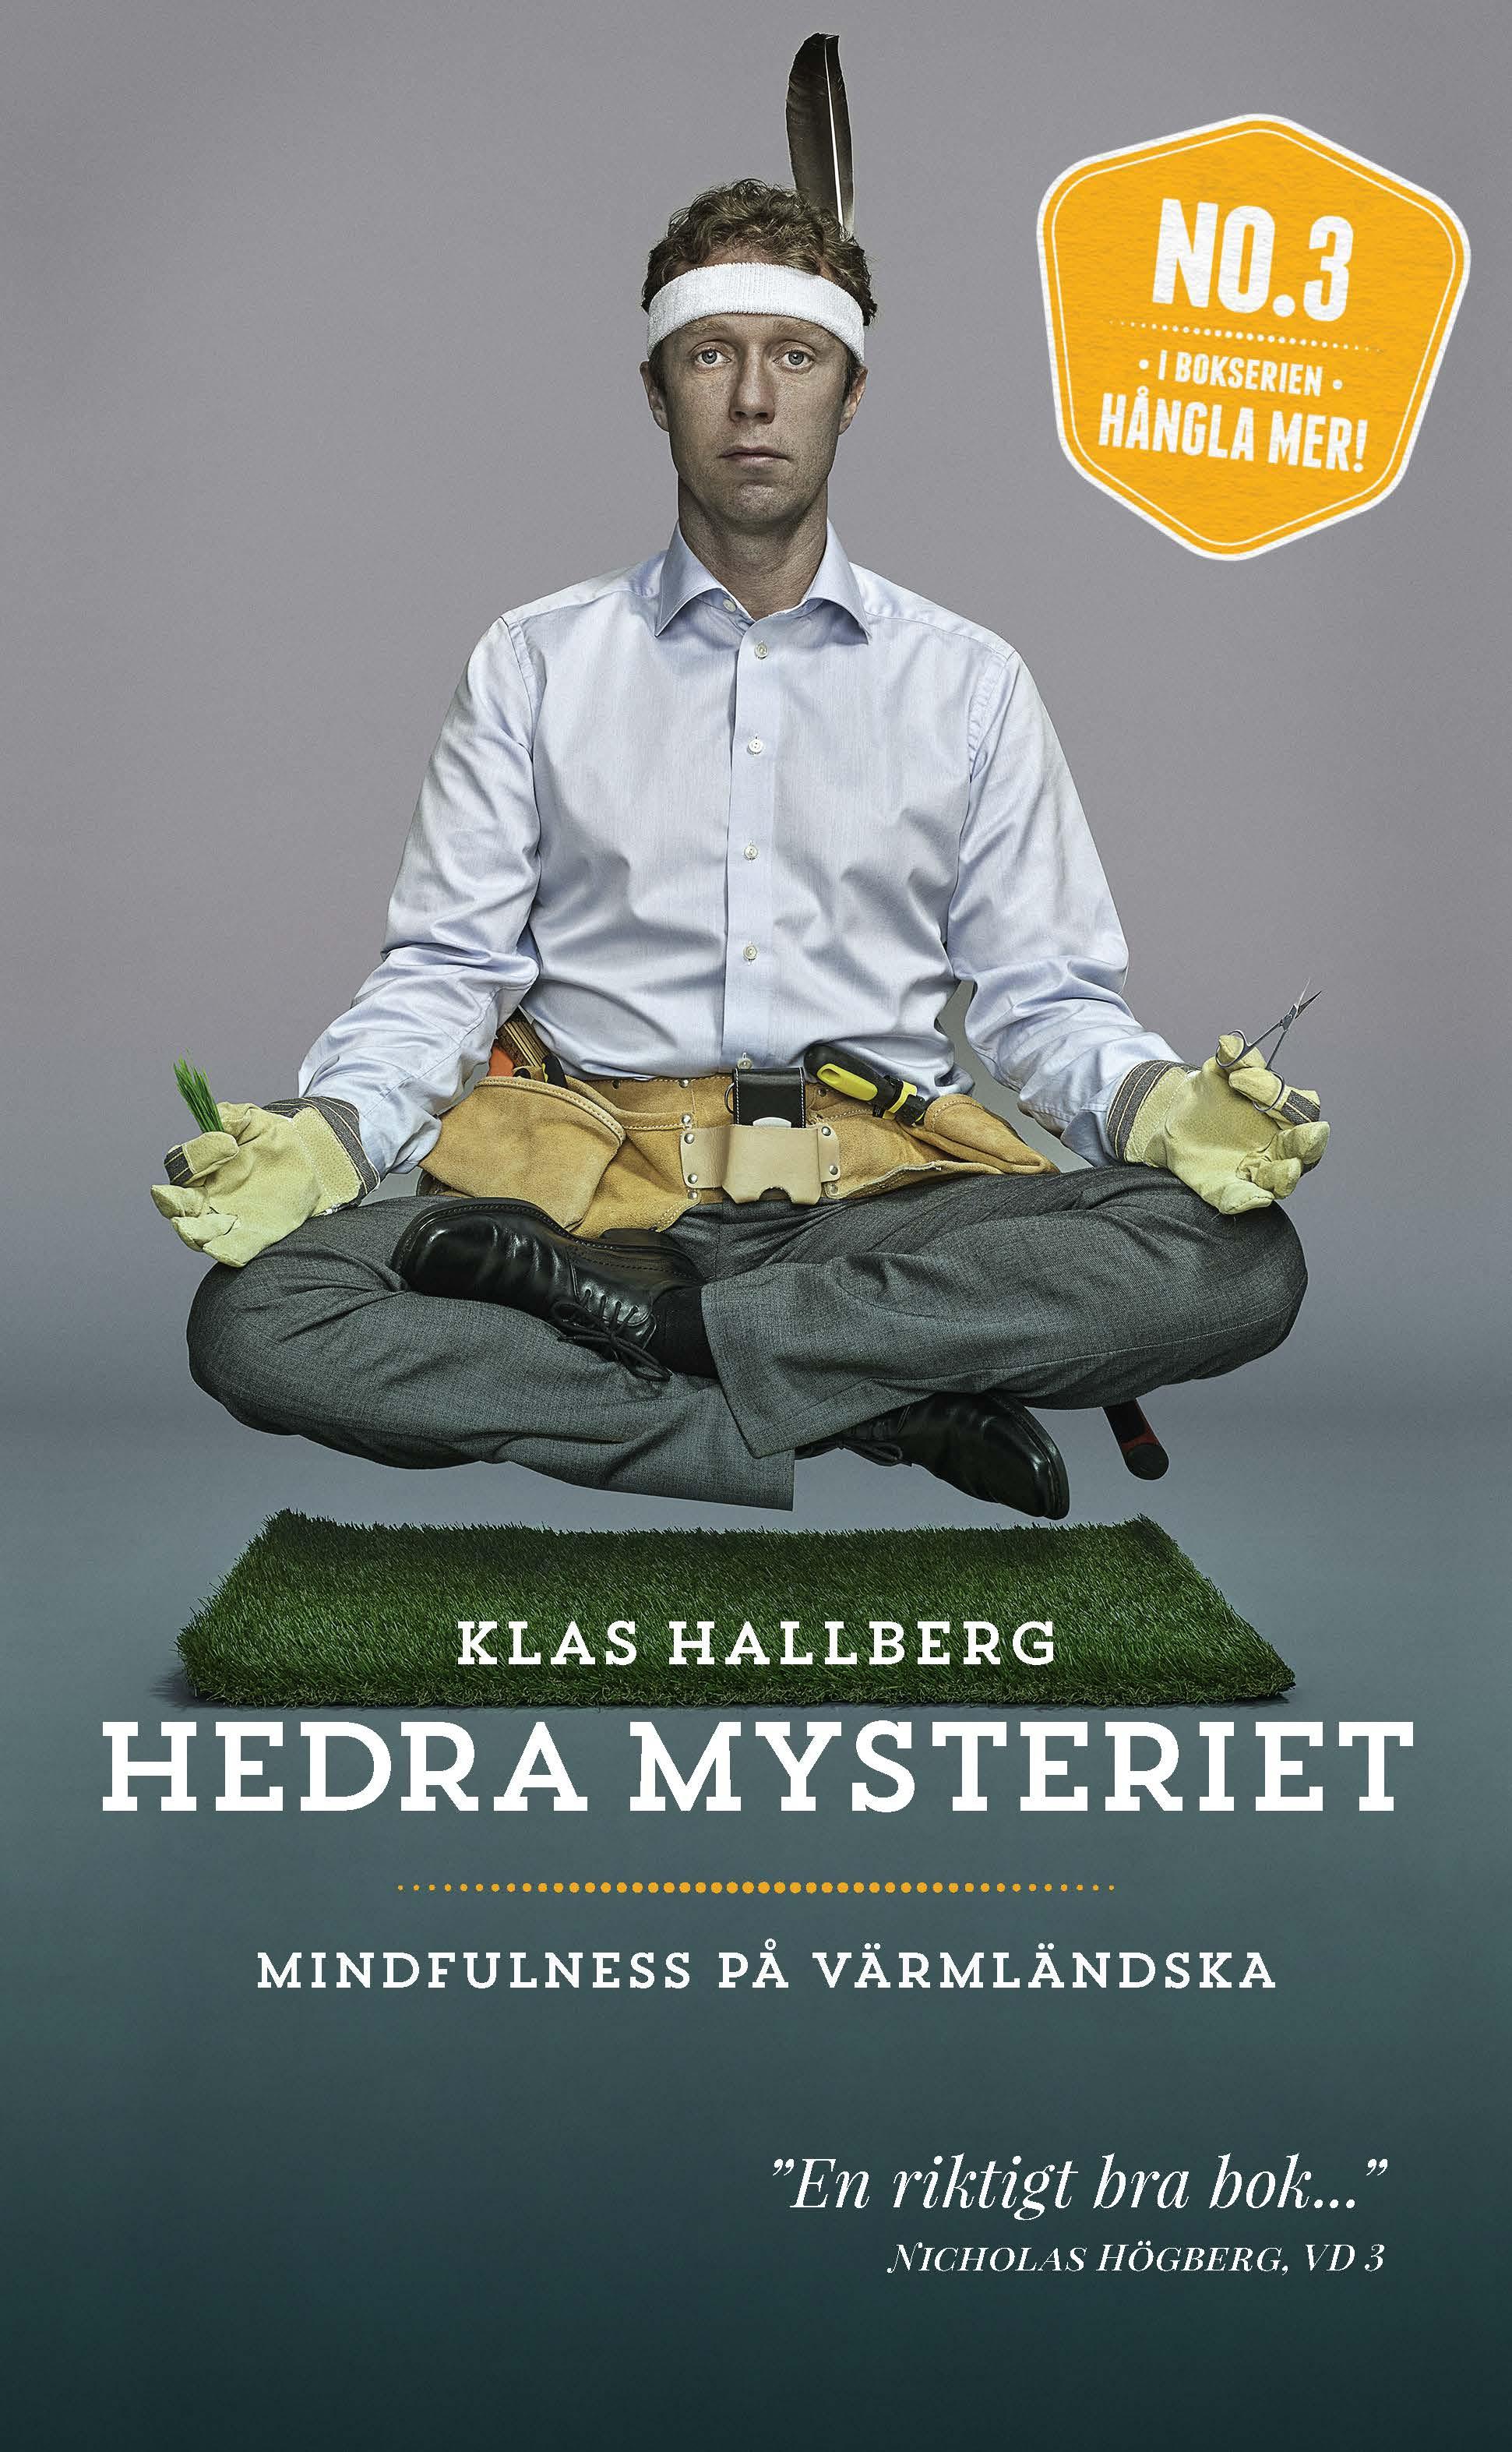 Hedra mysteriet : mindfulness på värmländska av Klas Hallberg